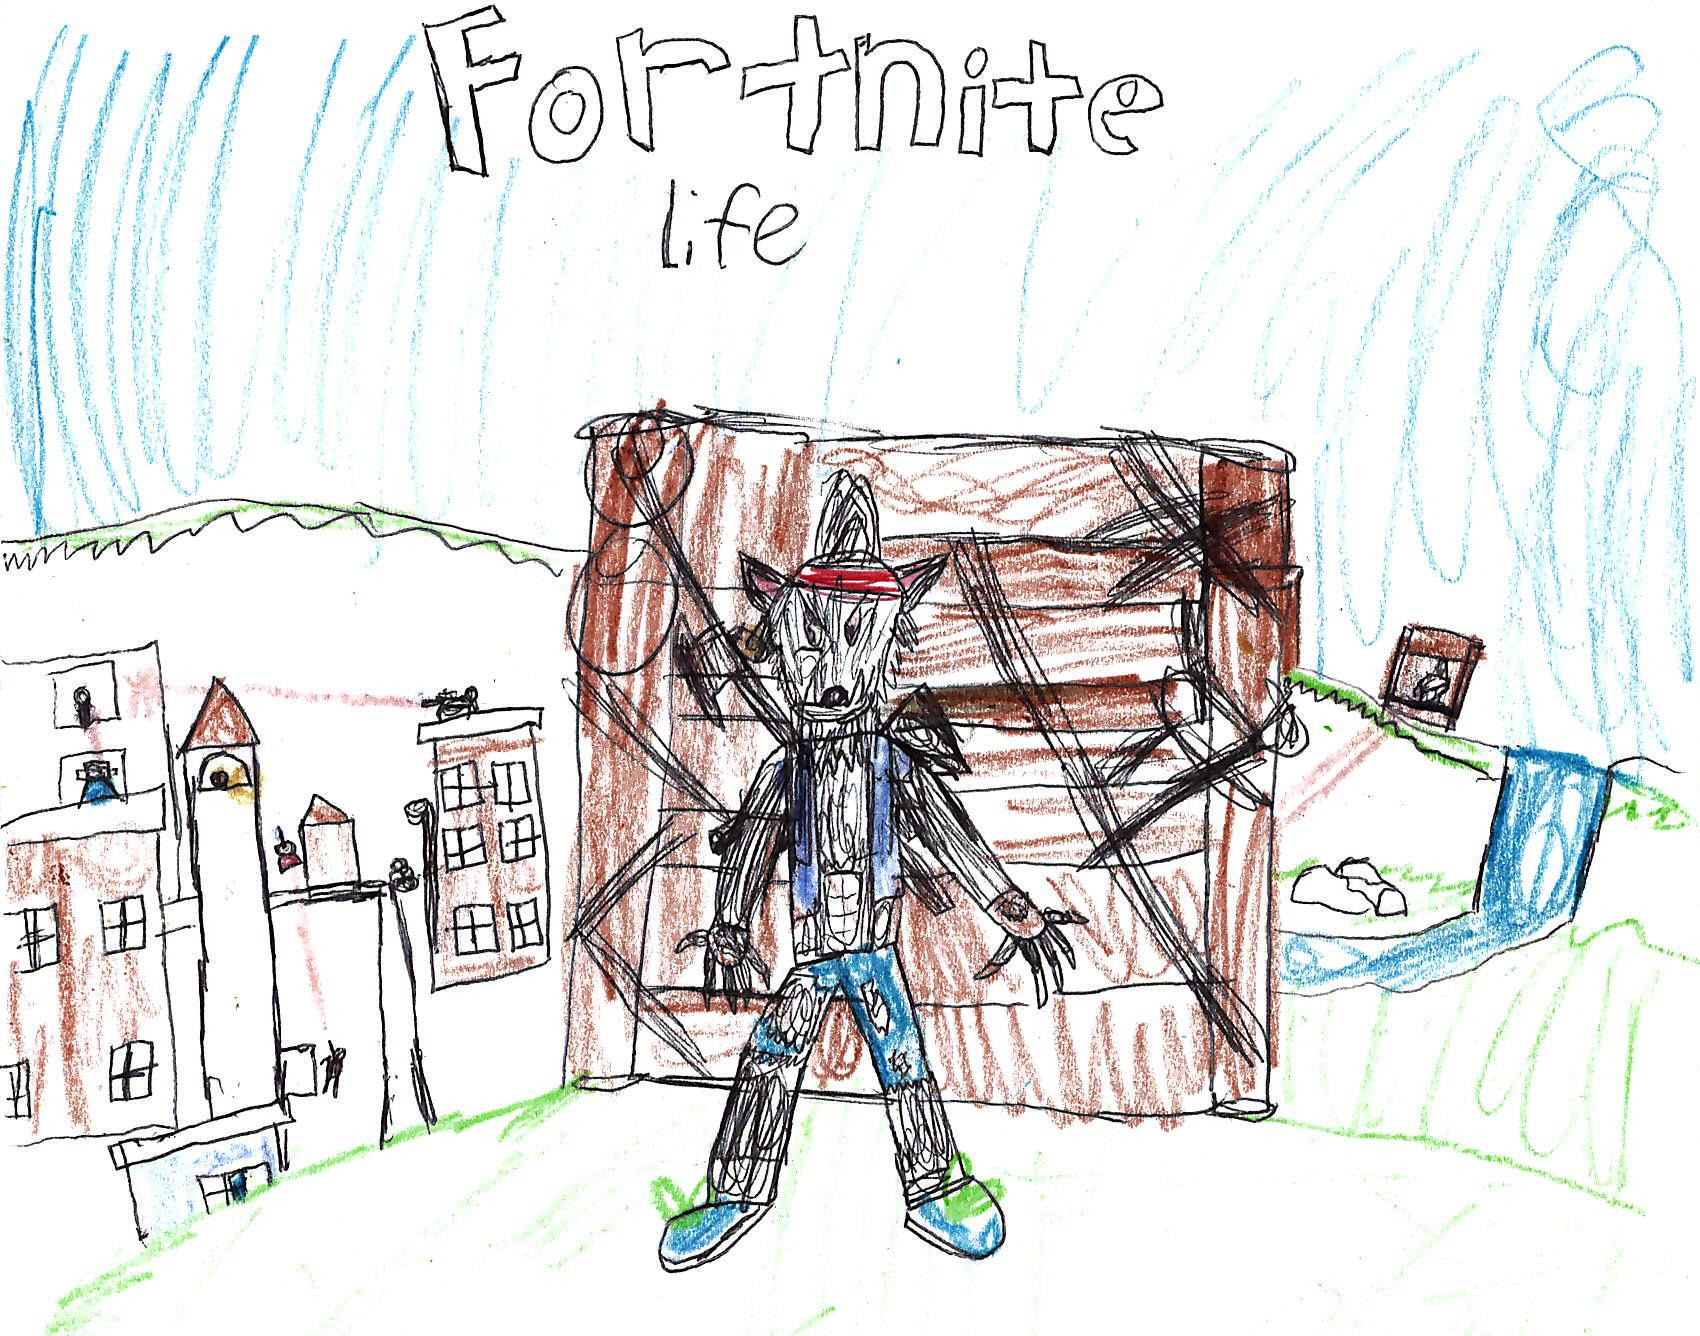 Fortnite Life